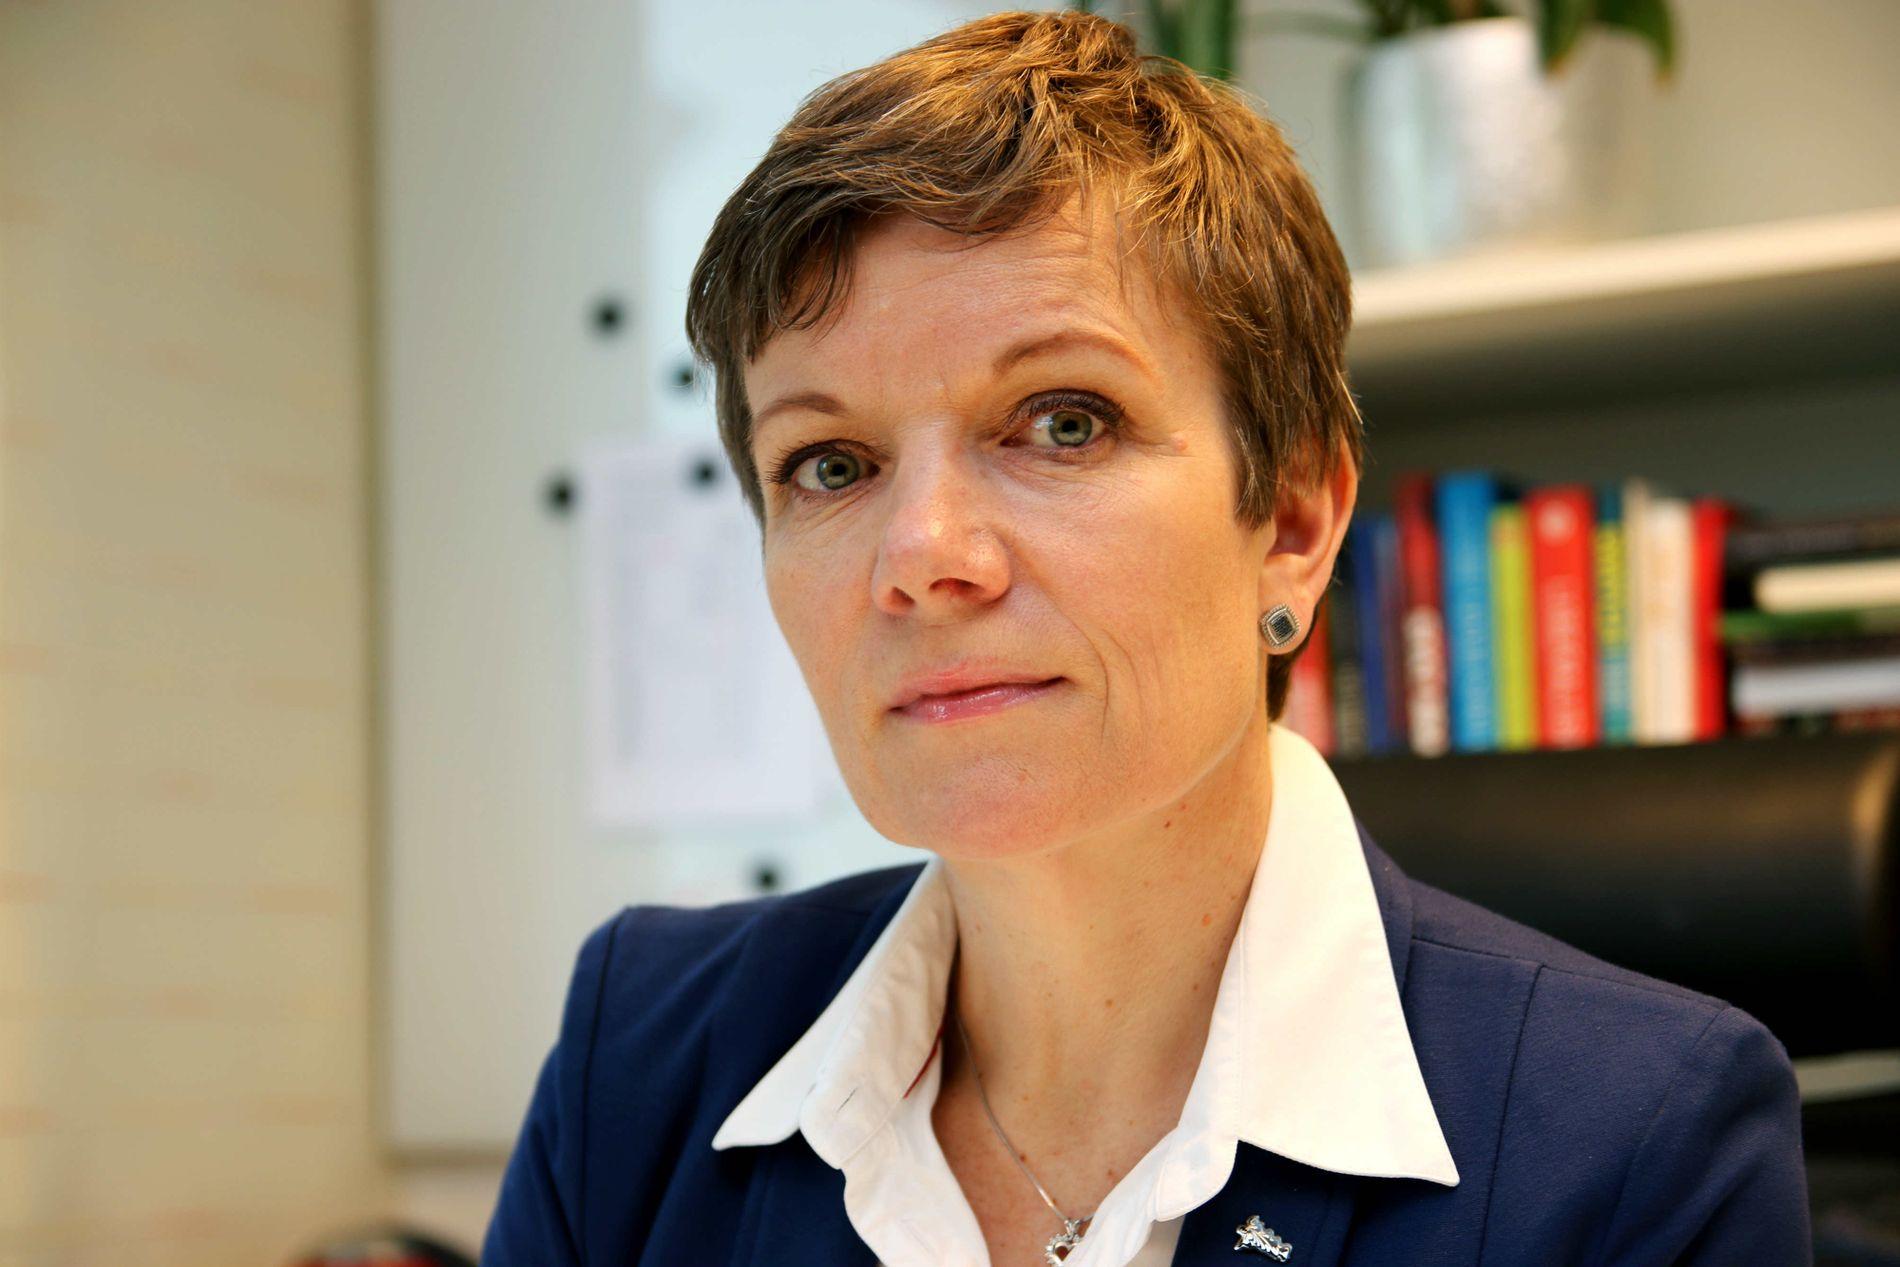 KRITISK: - Fastlegeordningen er i en alvorlig situasjon. Vi nærmer oss bristepunktet, skriver Marit Hermanen, president i Legeforeningen.